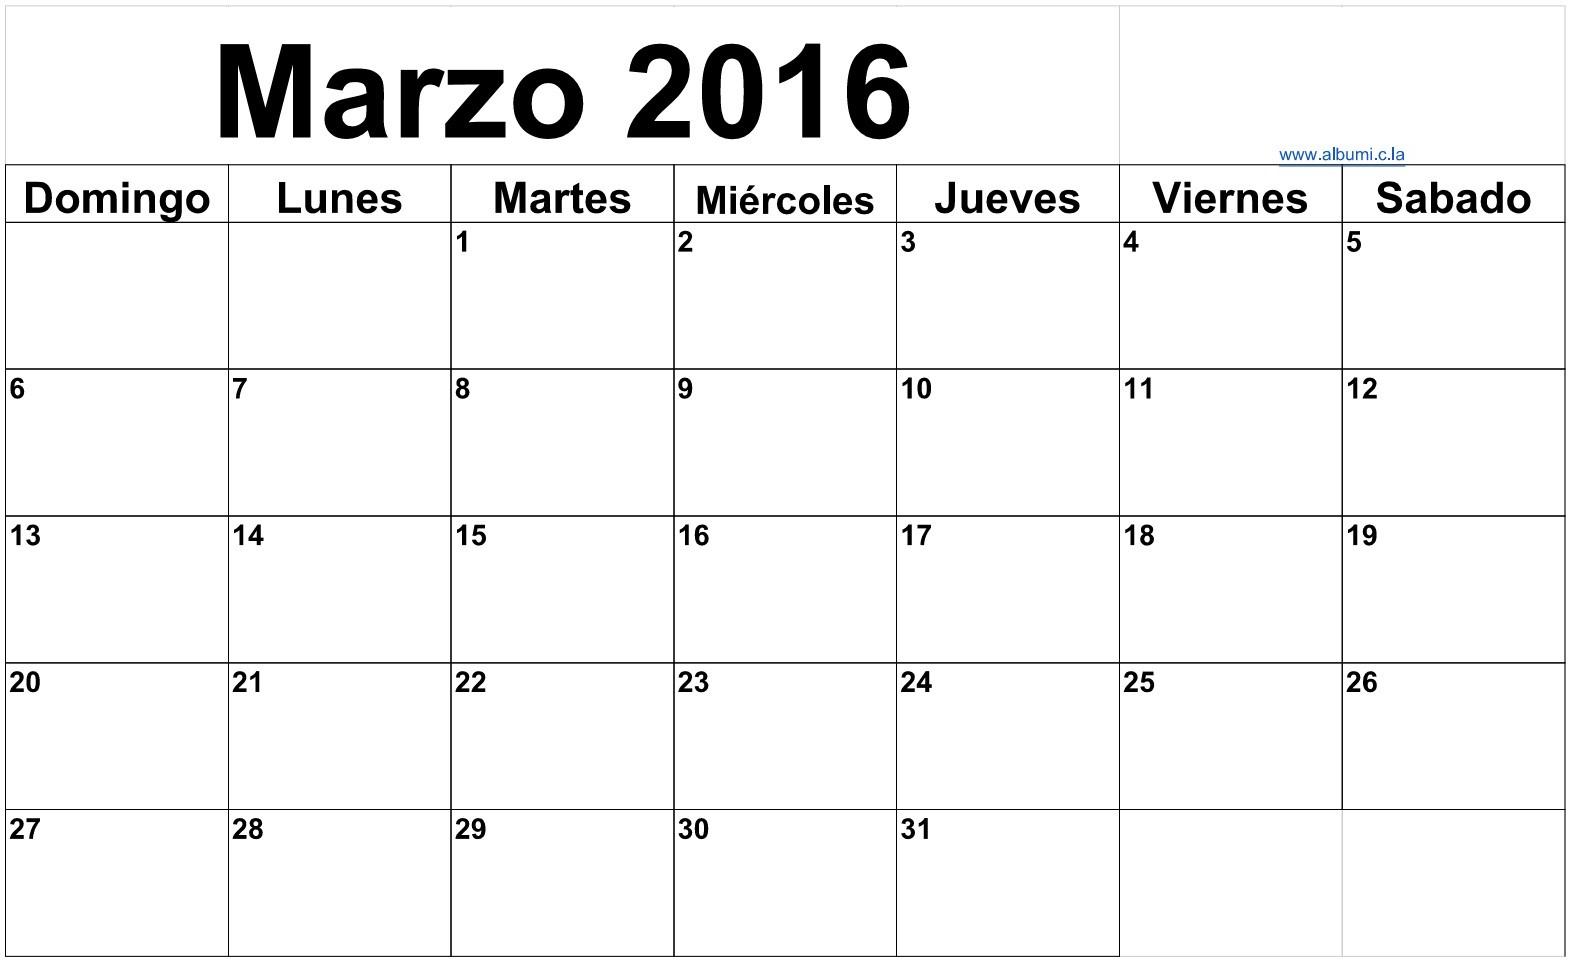 foto de Clendario marzo 2016 para imprimar 2016 Blank Calendar calendar enALBUMI C LA